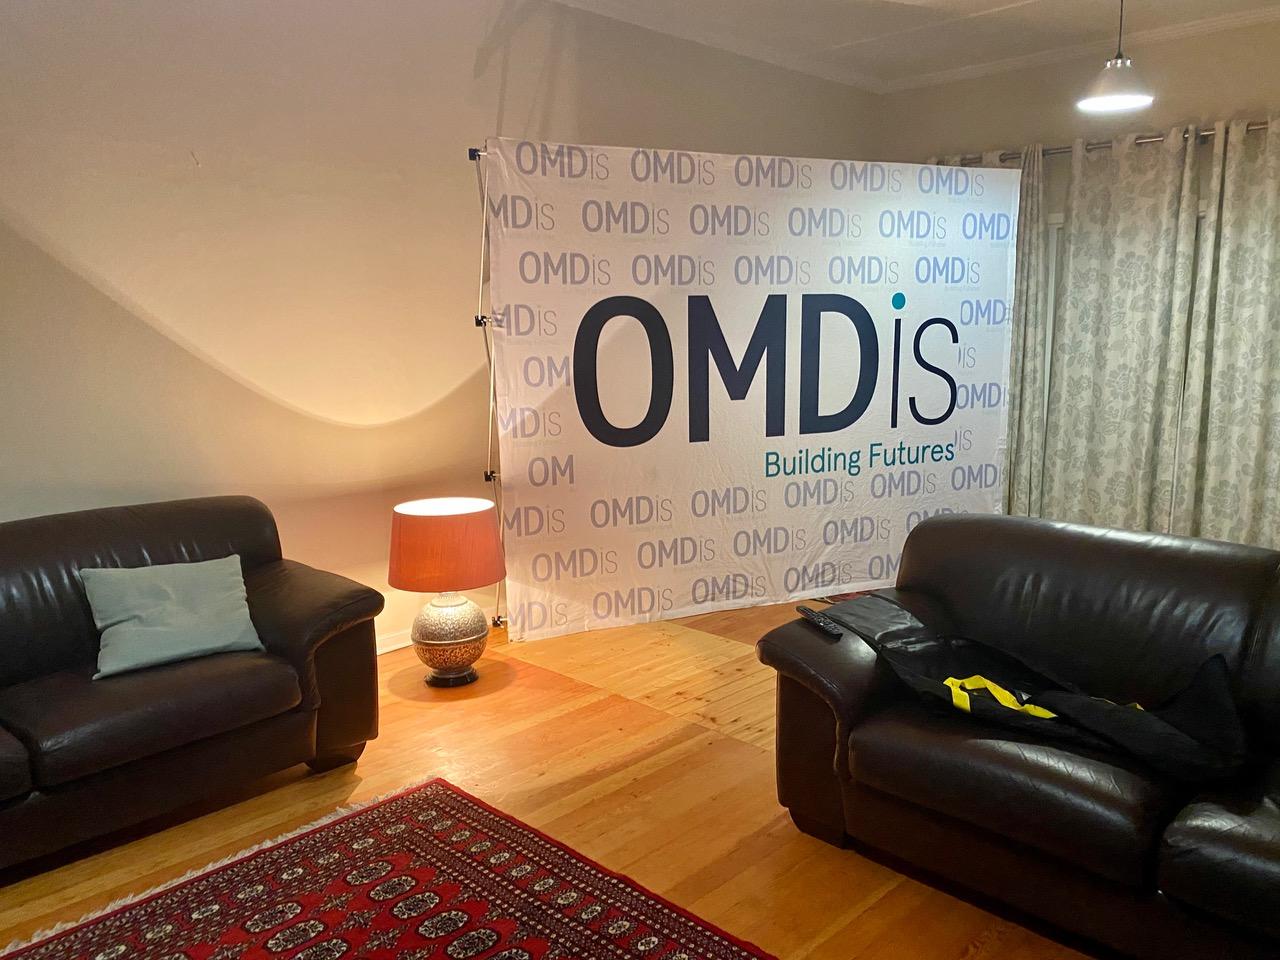 OMDis signage